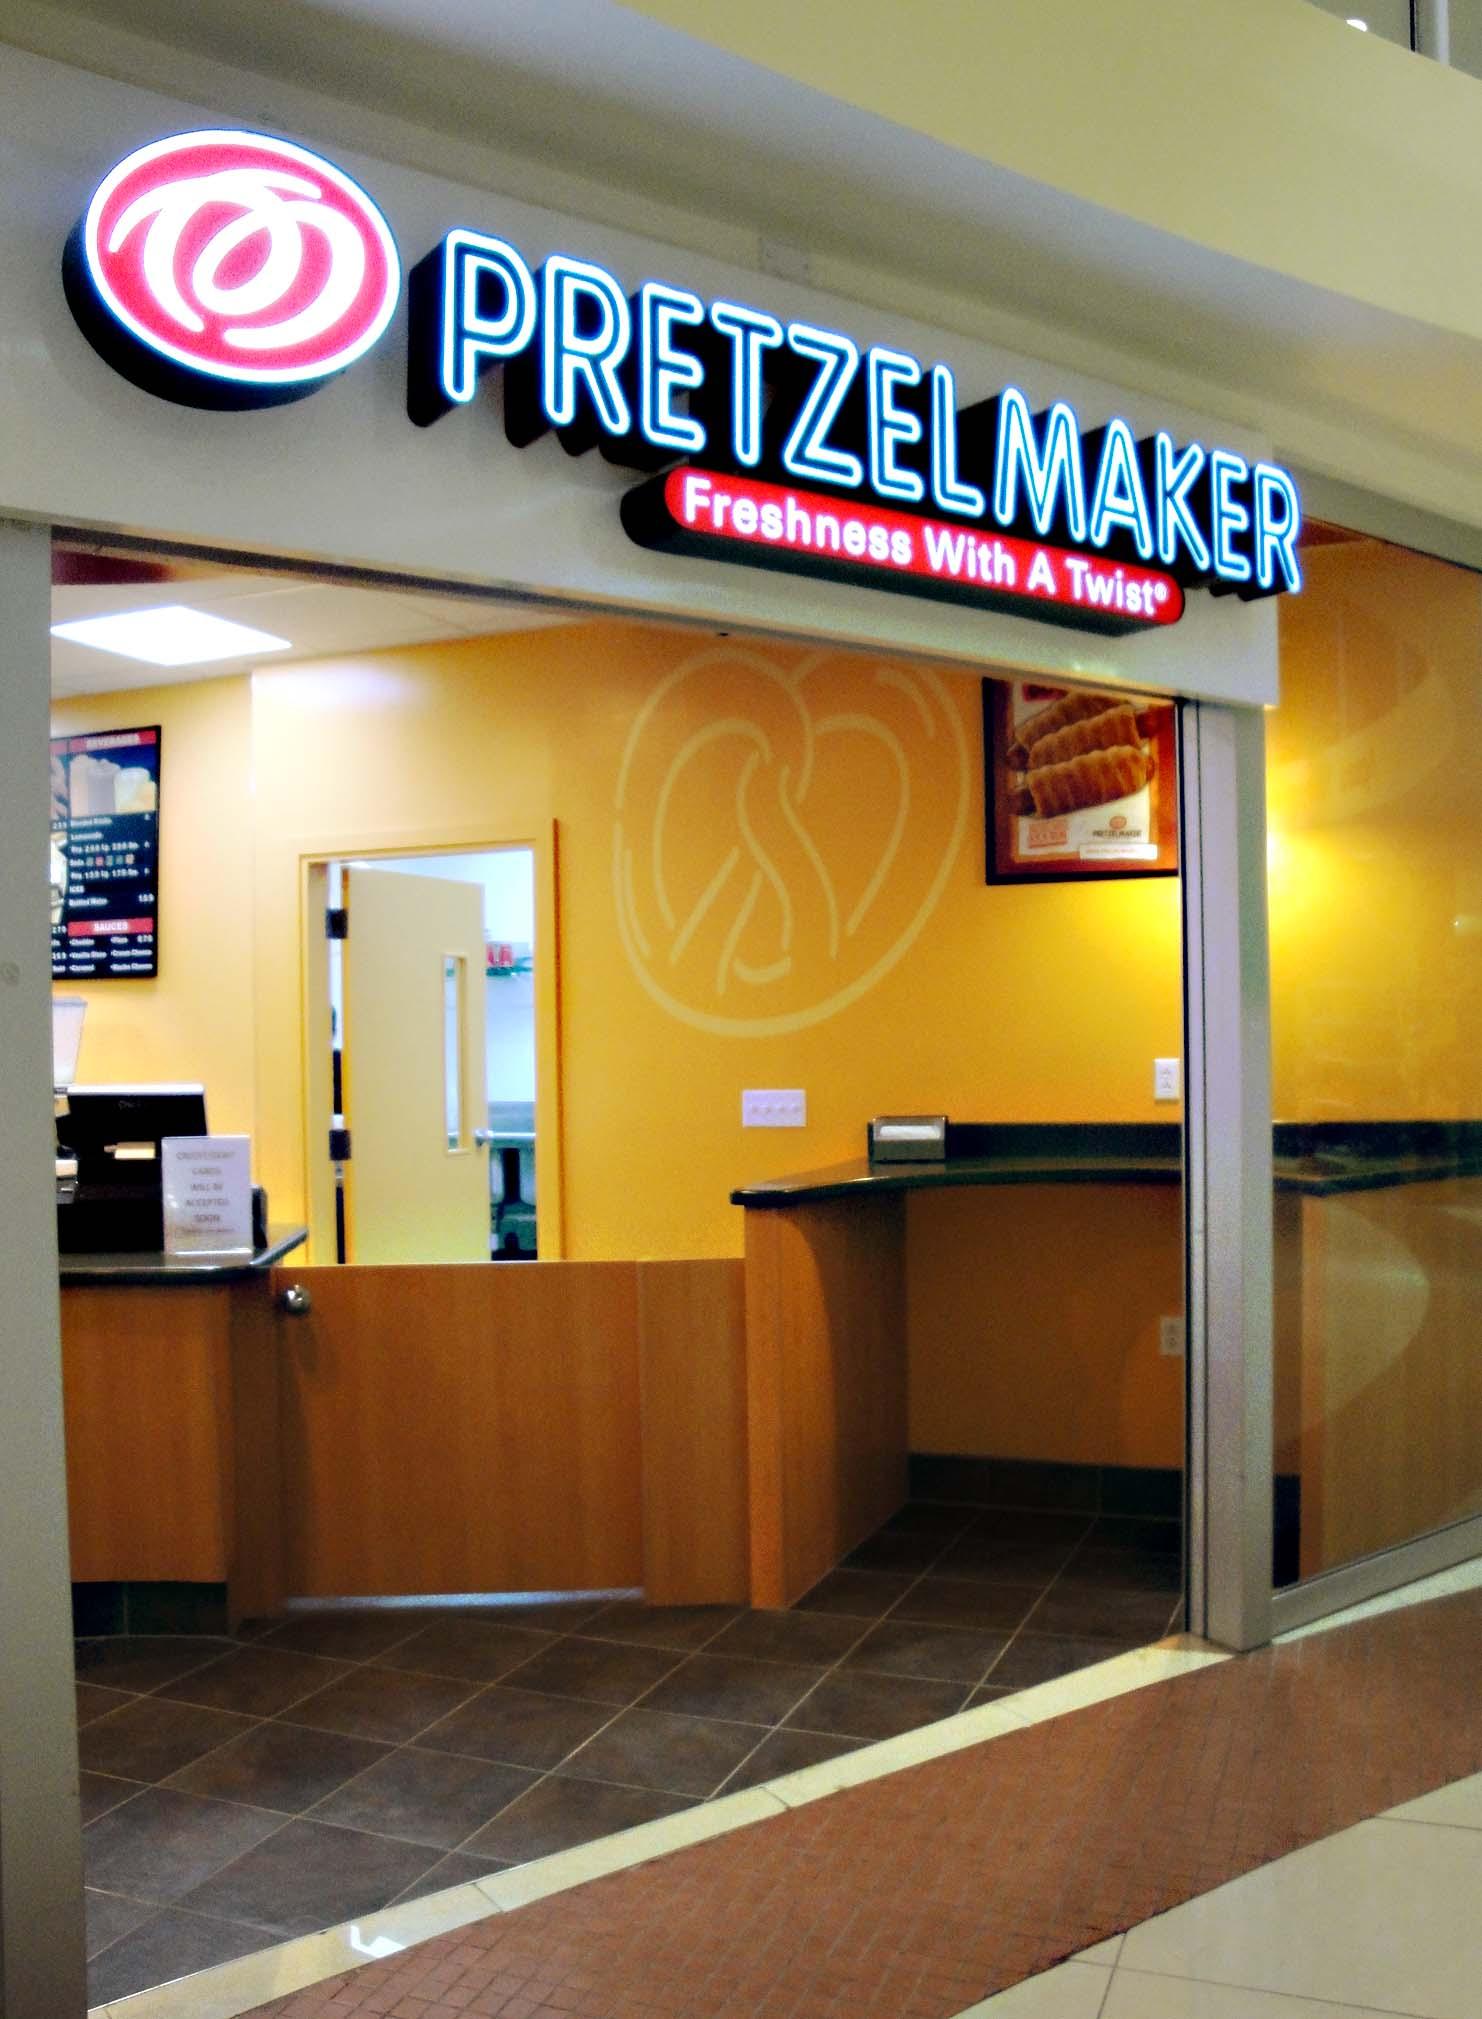 Prezelmaker Front Facade copy.jpg